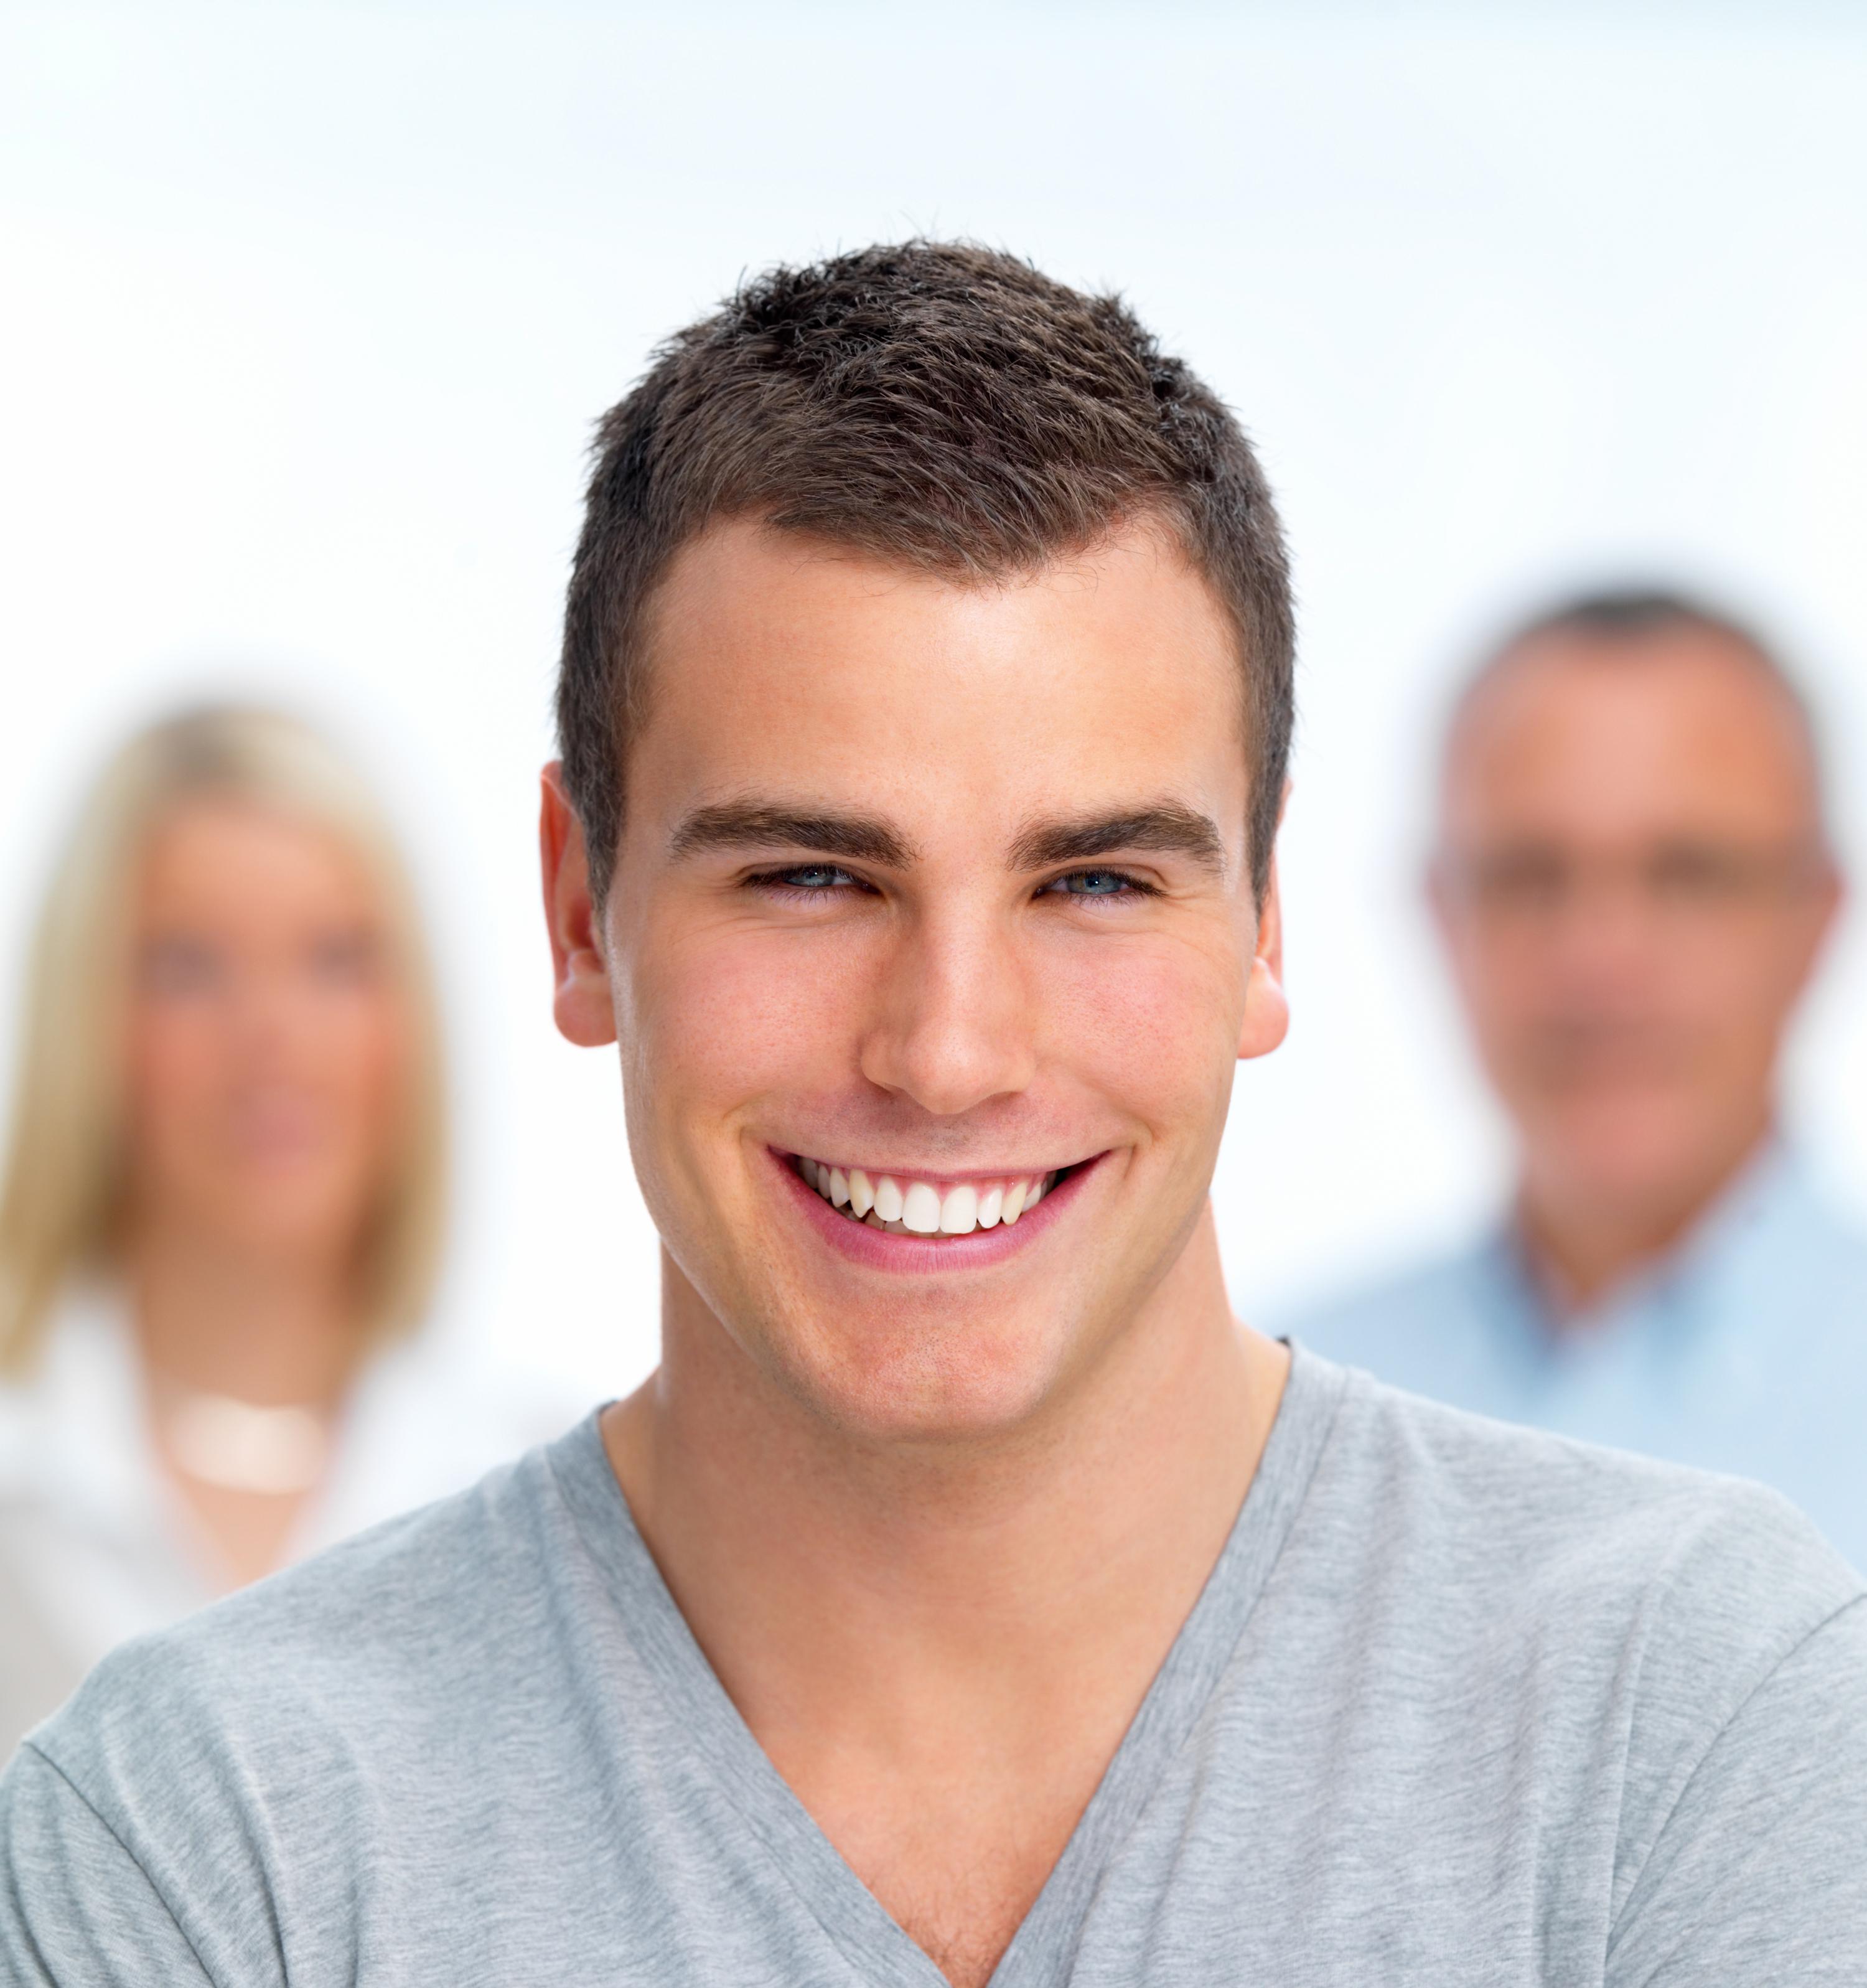 улыбающиеся люди фото остальных розе